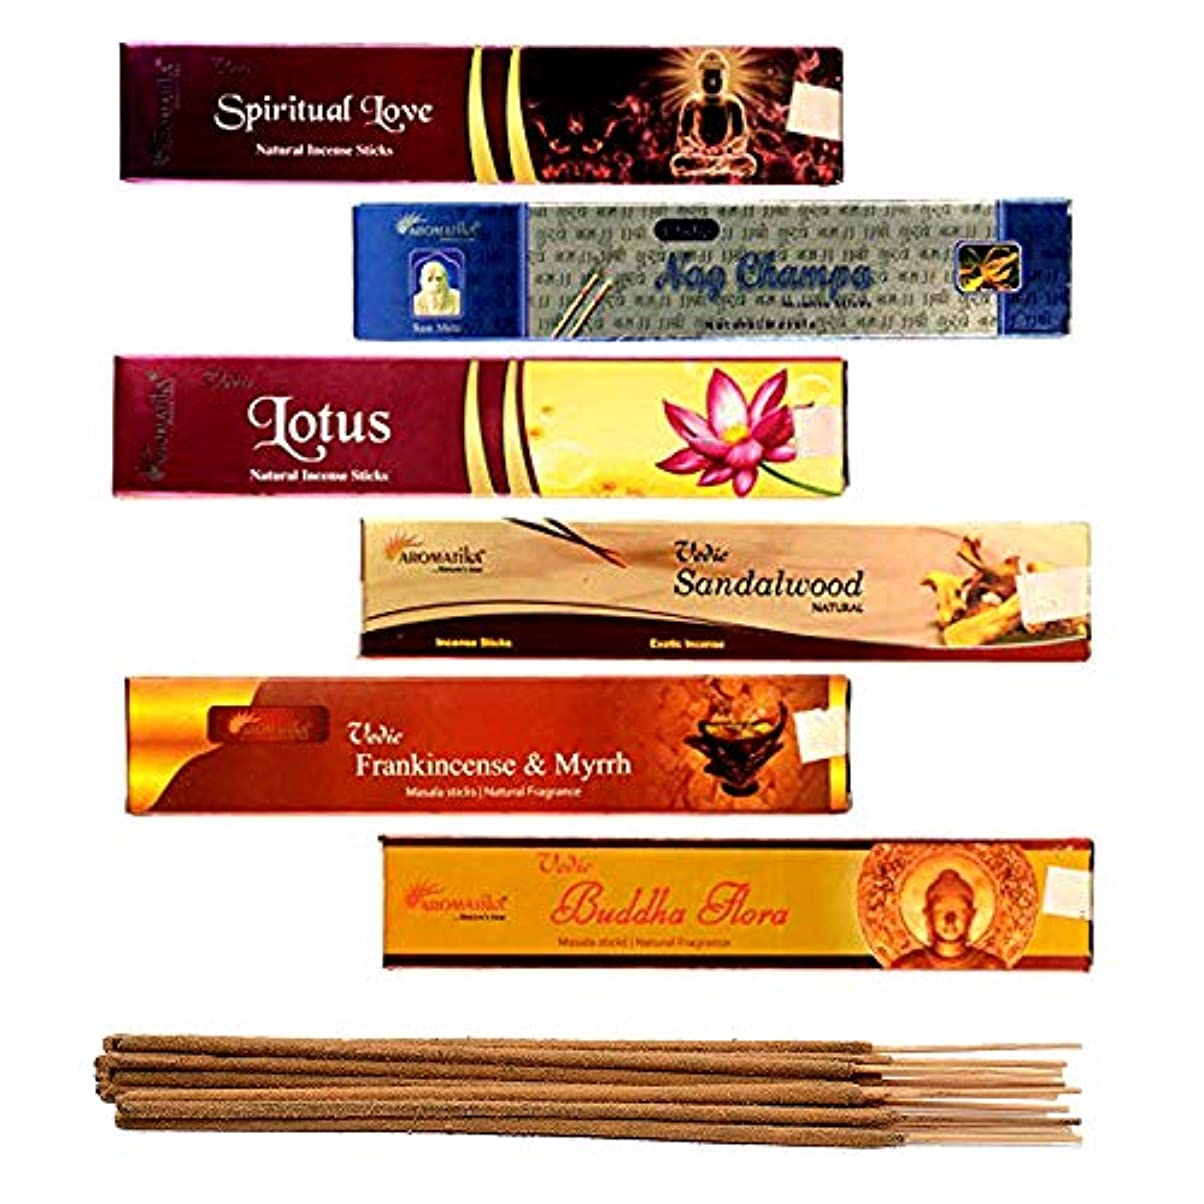 販売員奨学金不愉快aromatika 6 Assorted Masala Incense Sticks Vedic Nag Champa、サンダルウッド、ブッダFlora、ロータス、Frankincense & Myrrh、Spiritual...